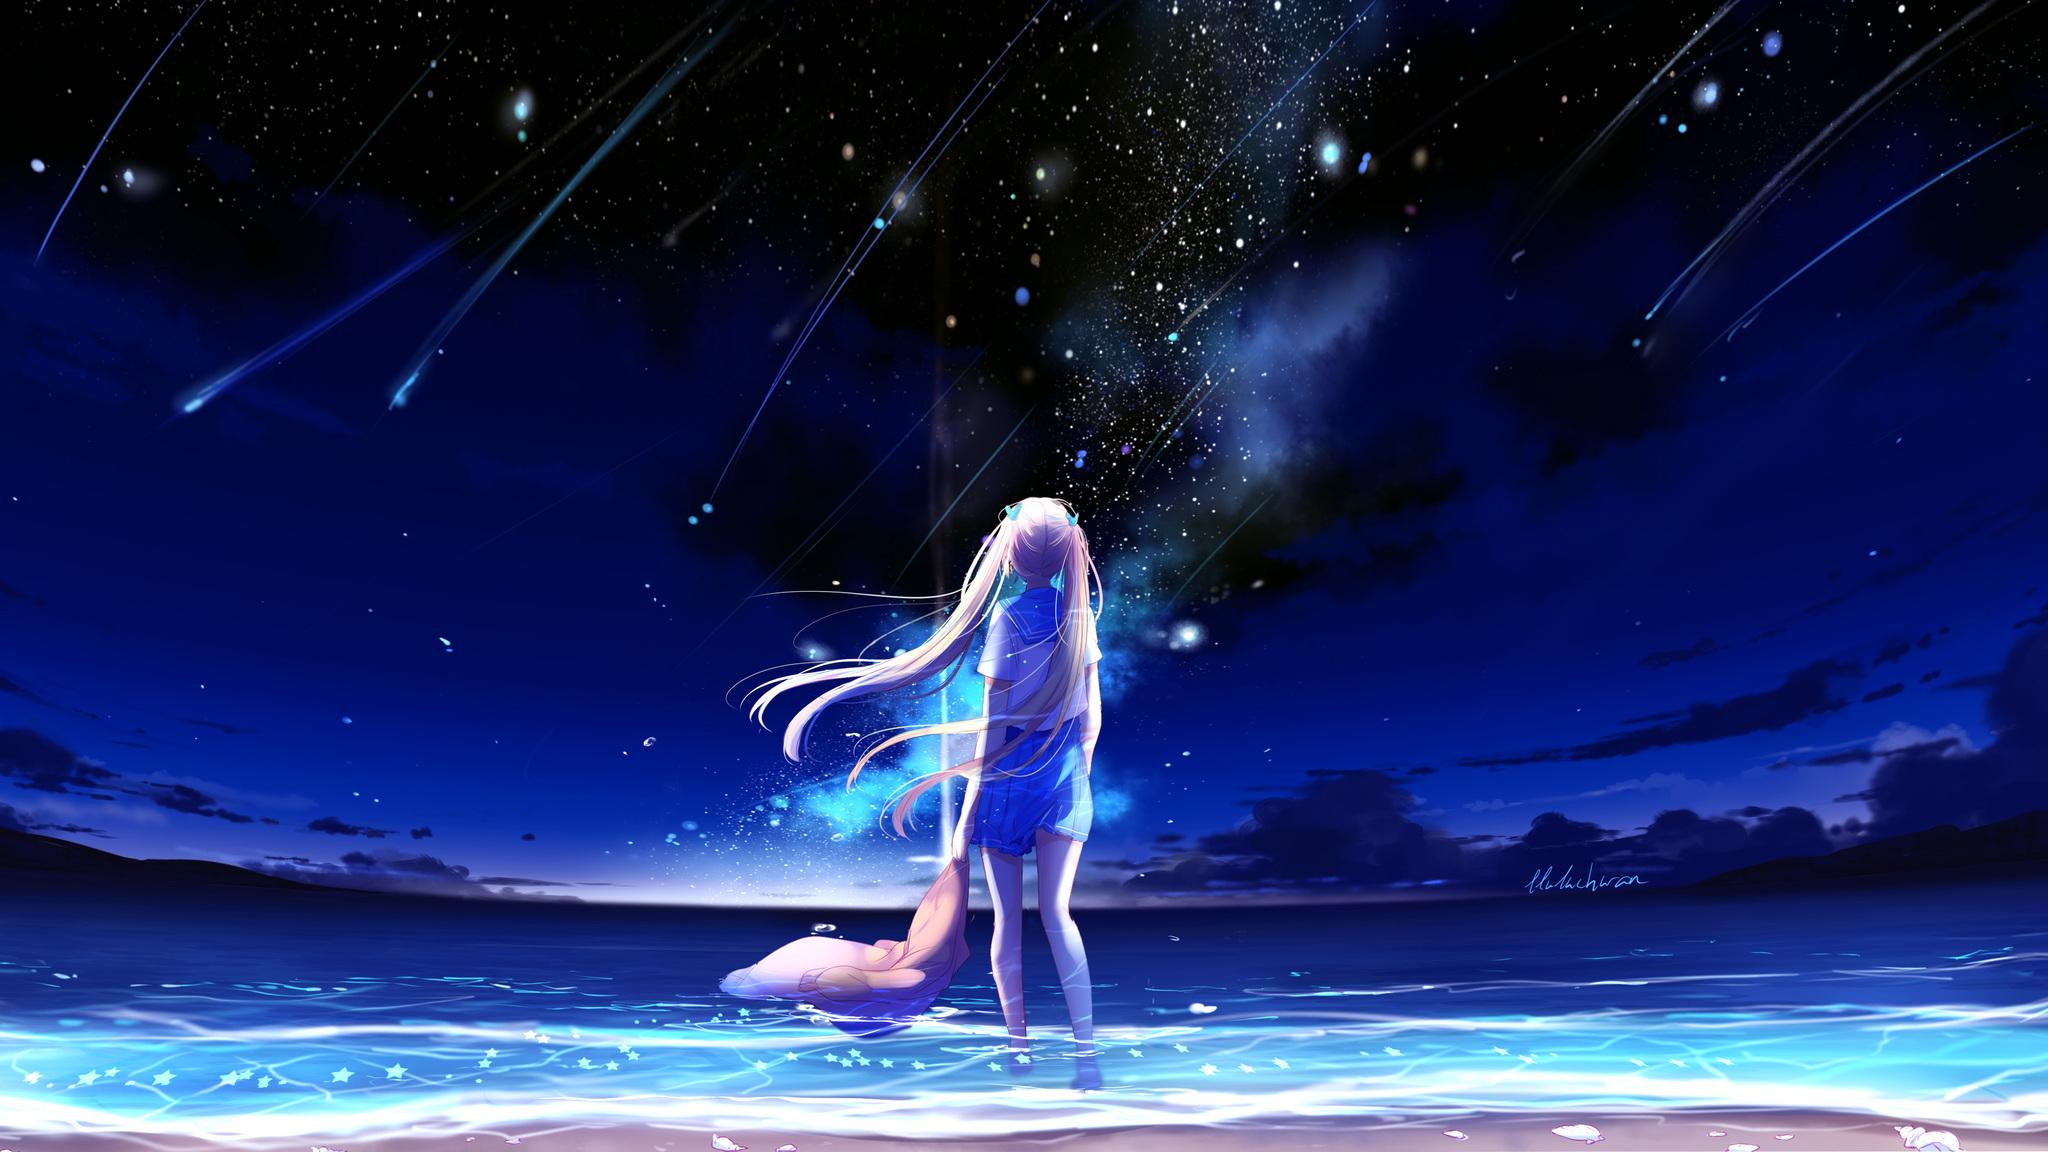 Download Wallpaper Night Fantasy - animegirl-night-sea-stars-fantasy-0p-2048x1152  Snapshot-213362.jpg